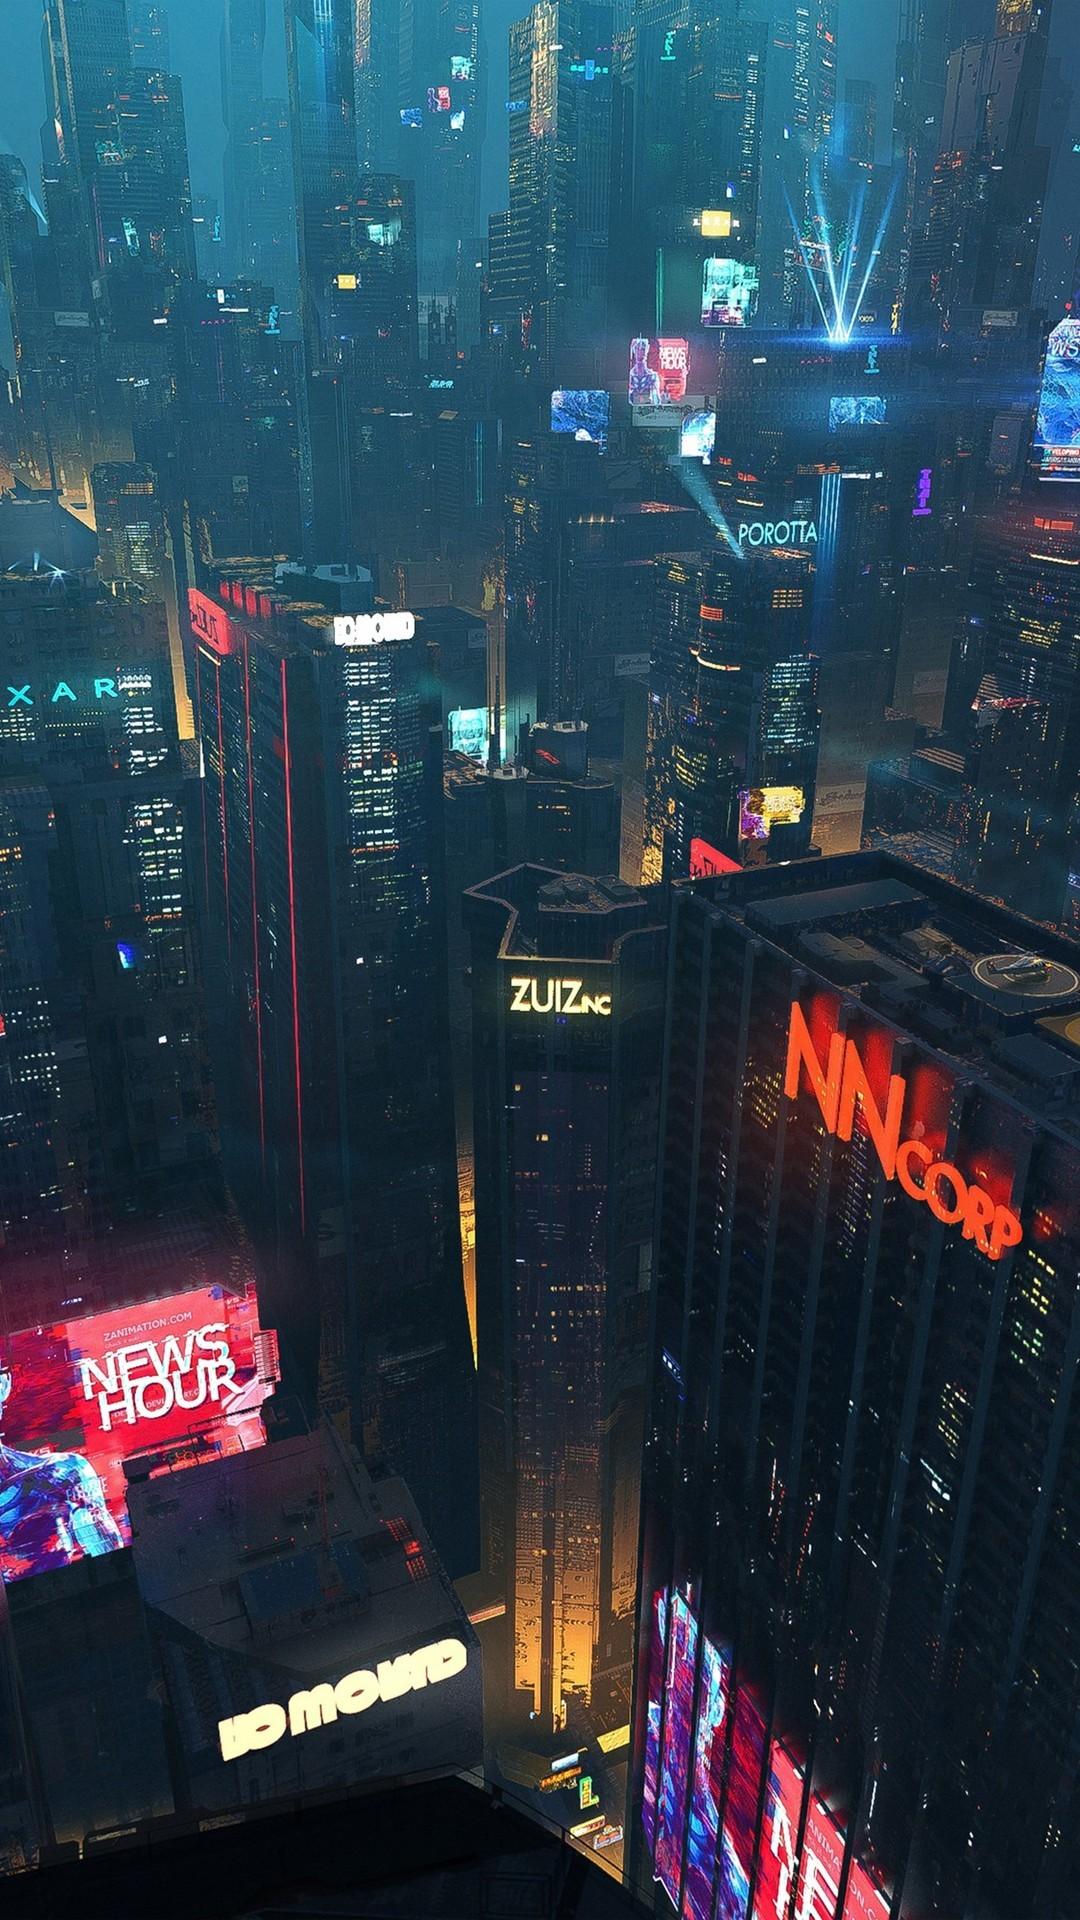 未来的城市的图片壁纸